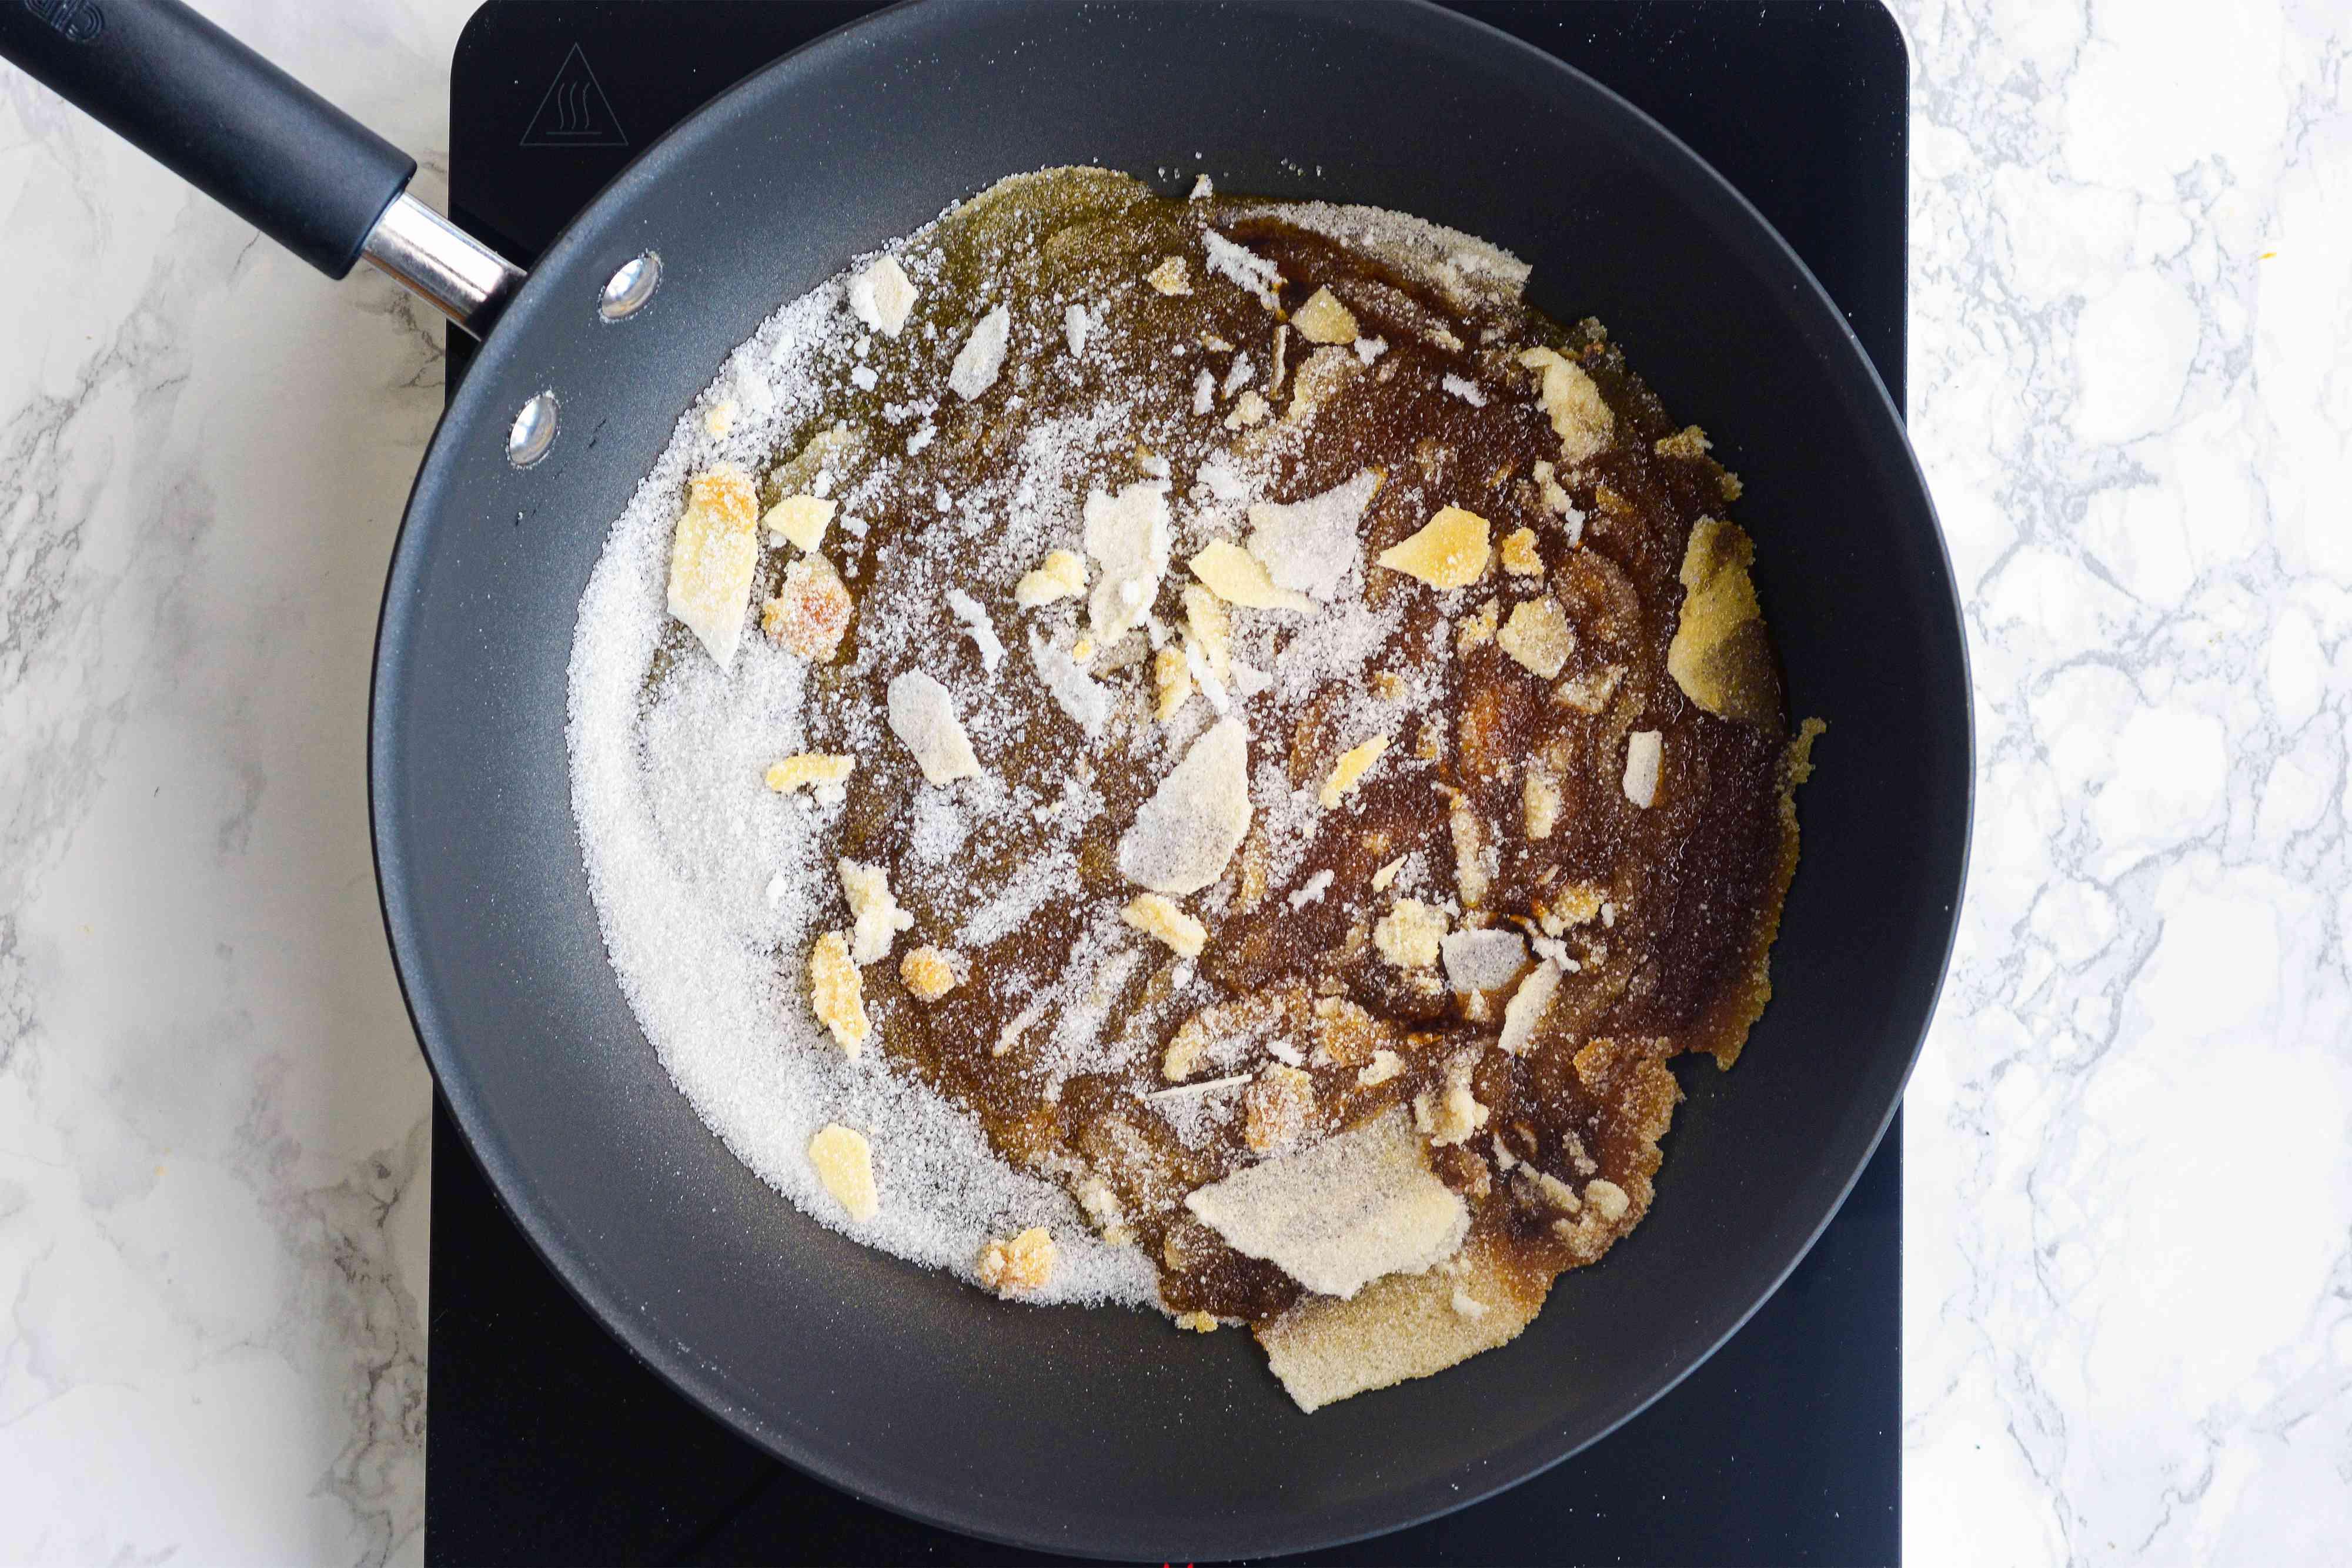 Sugar turning to caramel in a pan